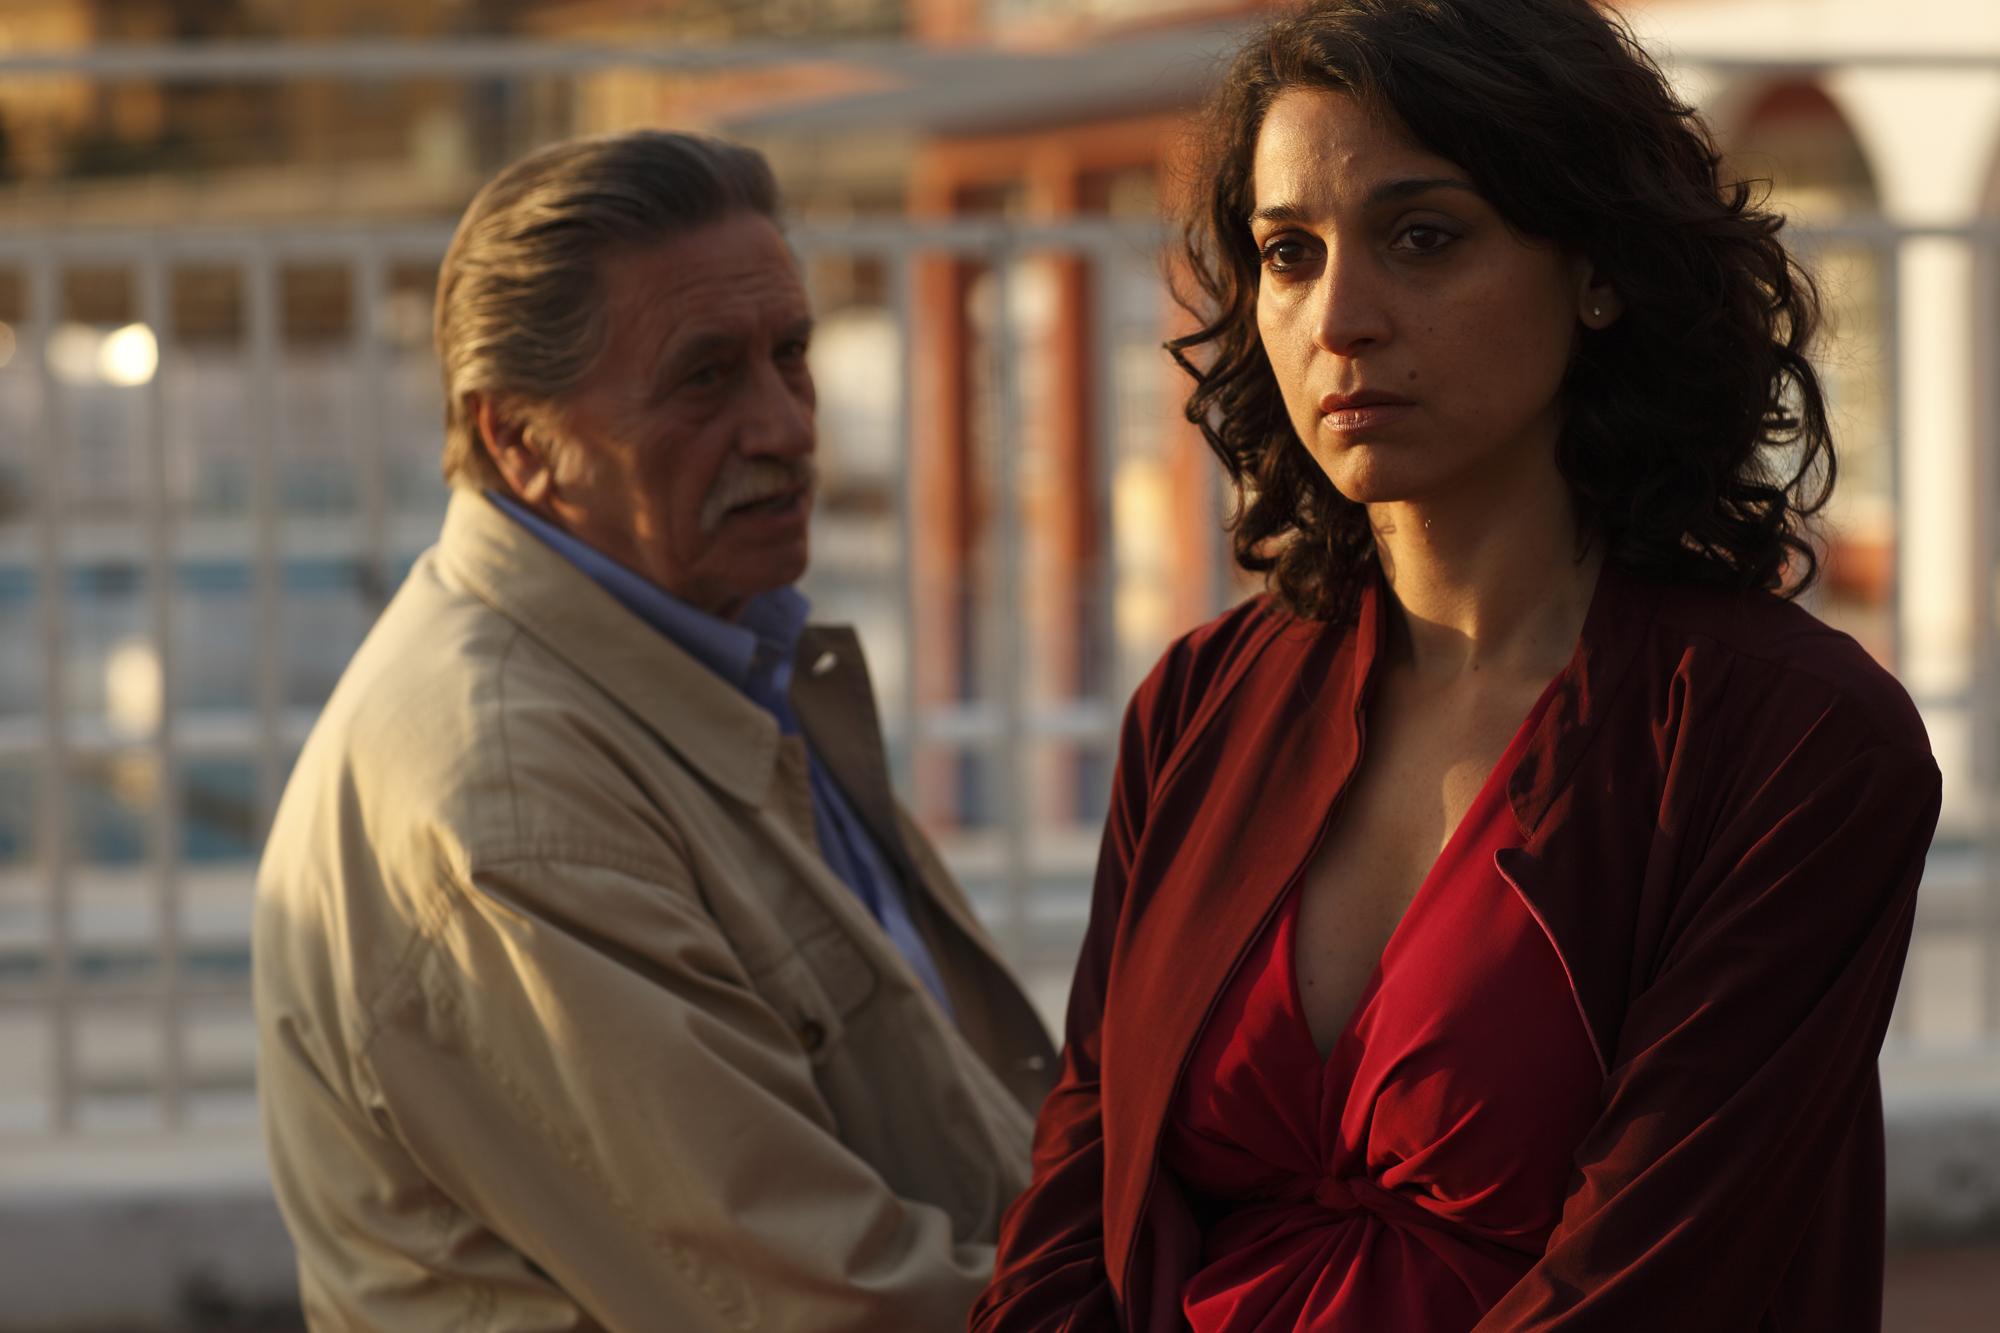 итальянские фильмы на русском языке сама засунула